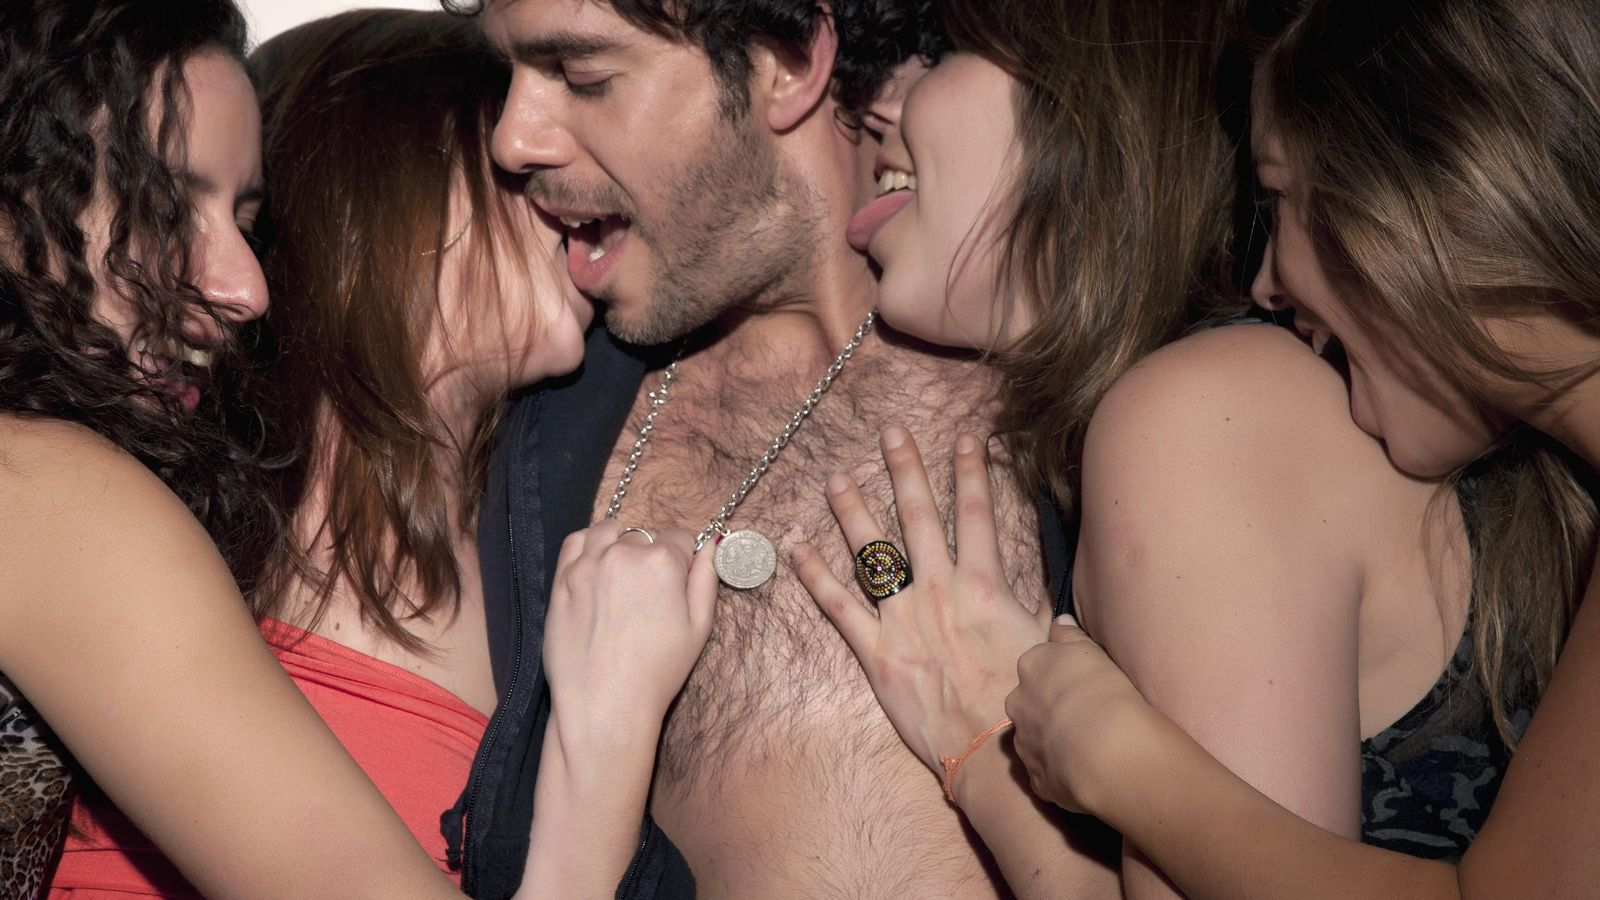 Actores Porno Estados Unidos sexualidad: las razones por las que ser actor porno no es